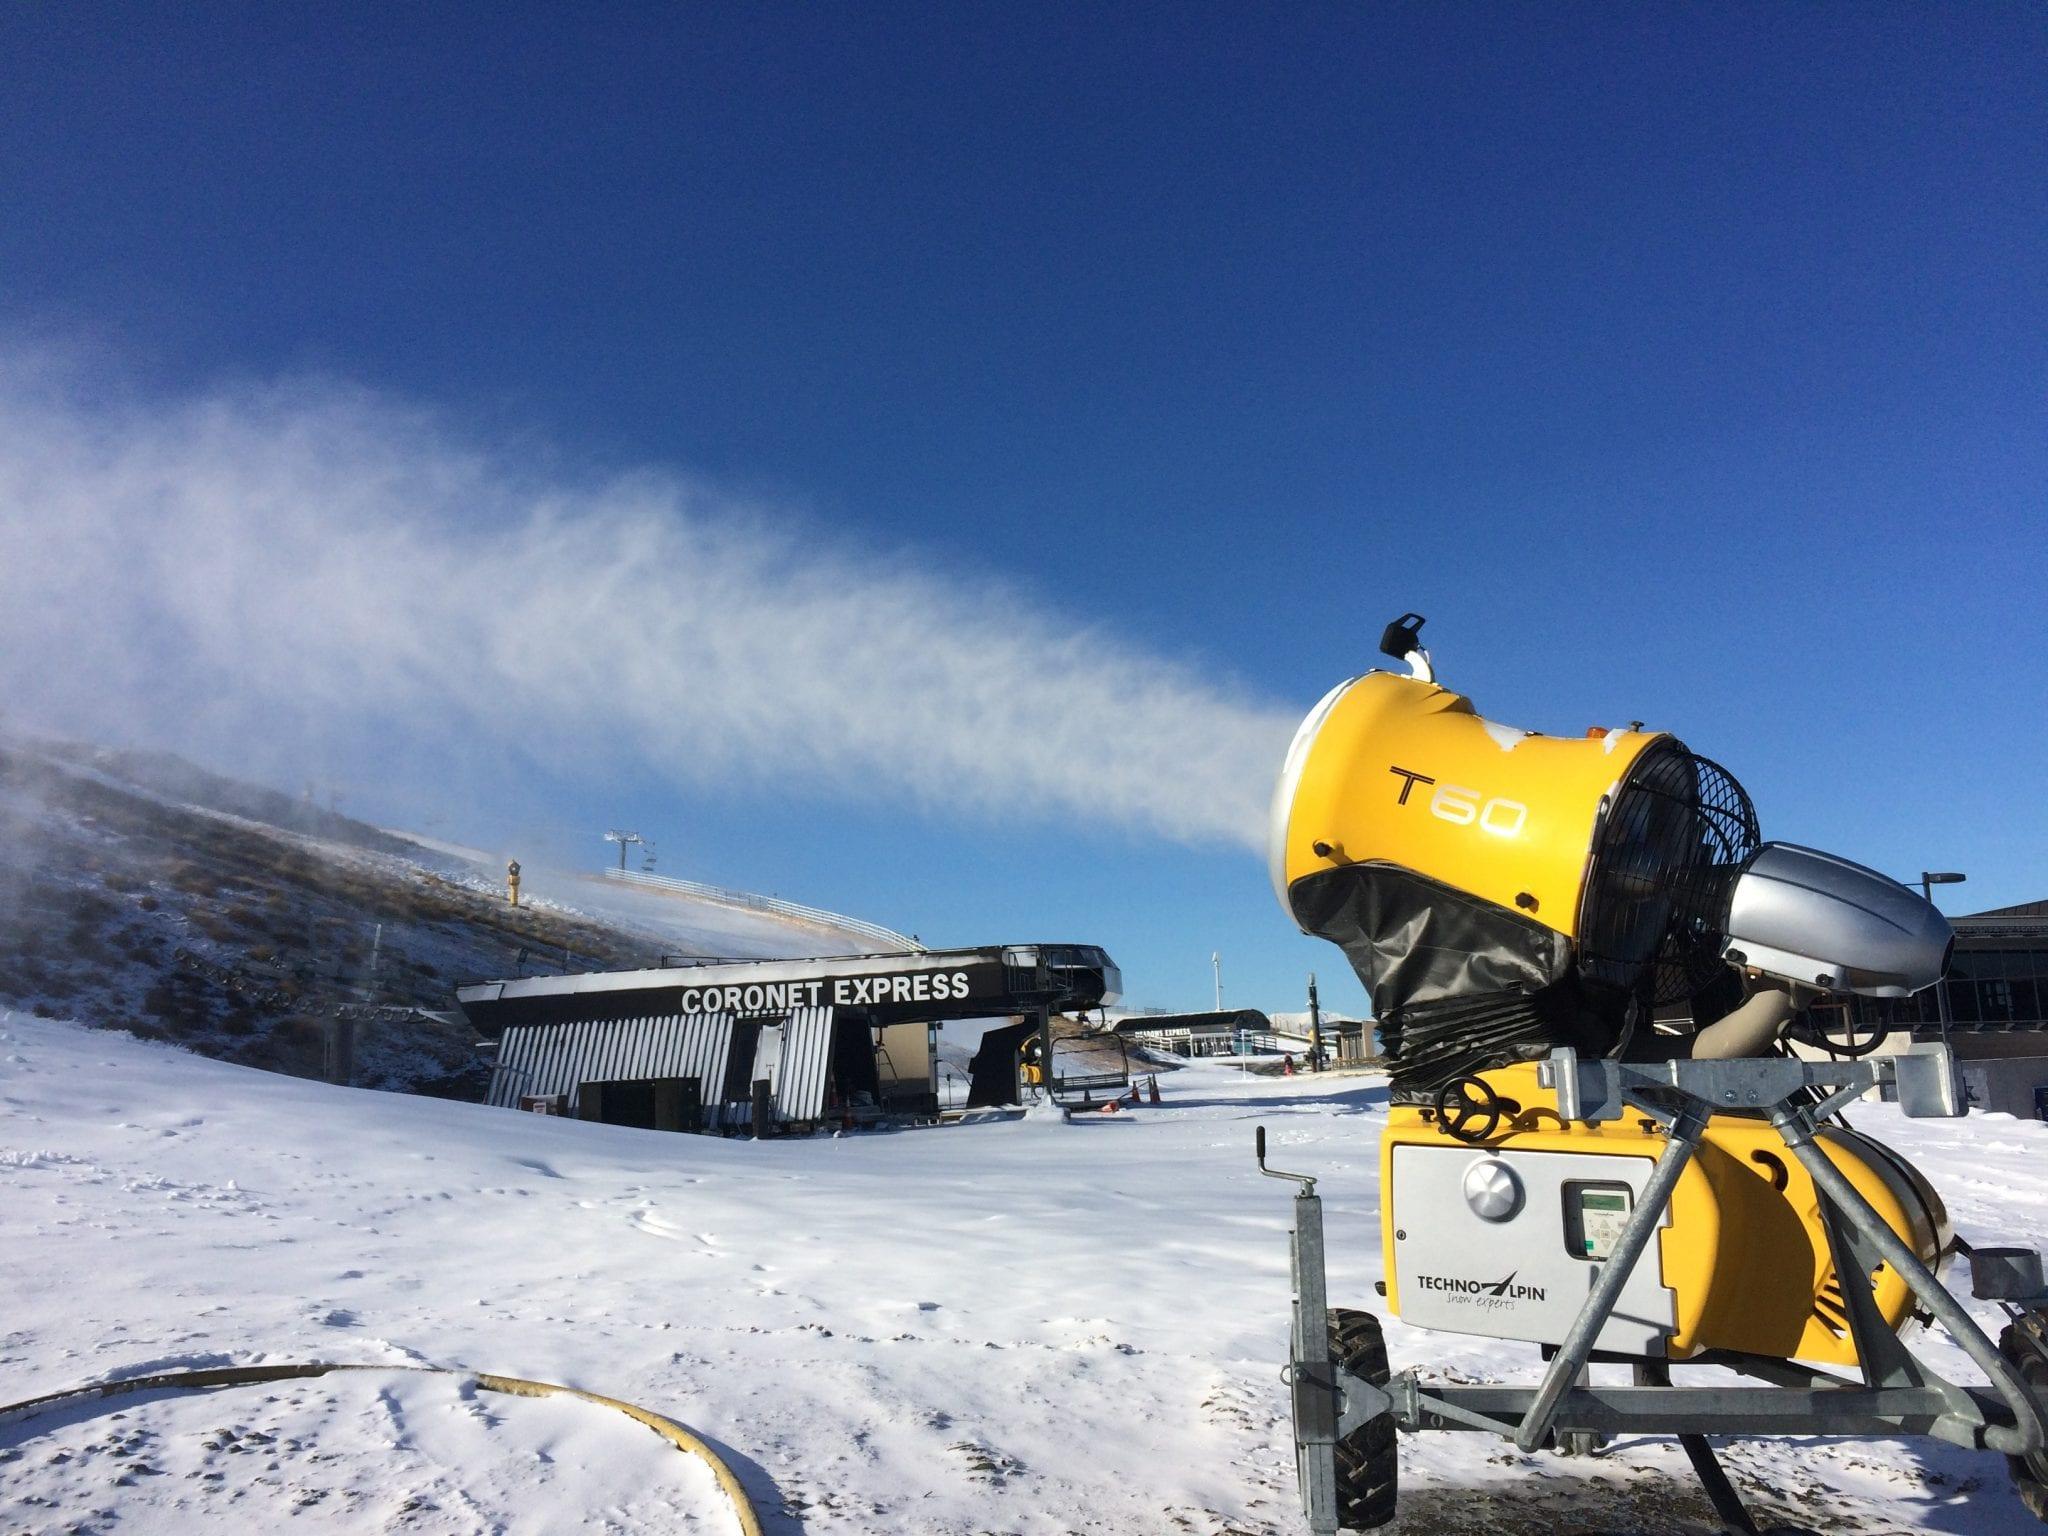 Snowmaking starts at coronet peak snowsbest